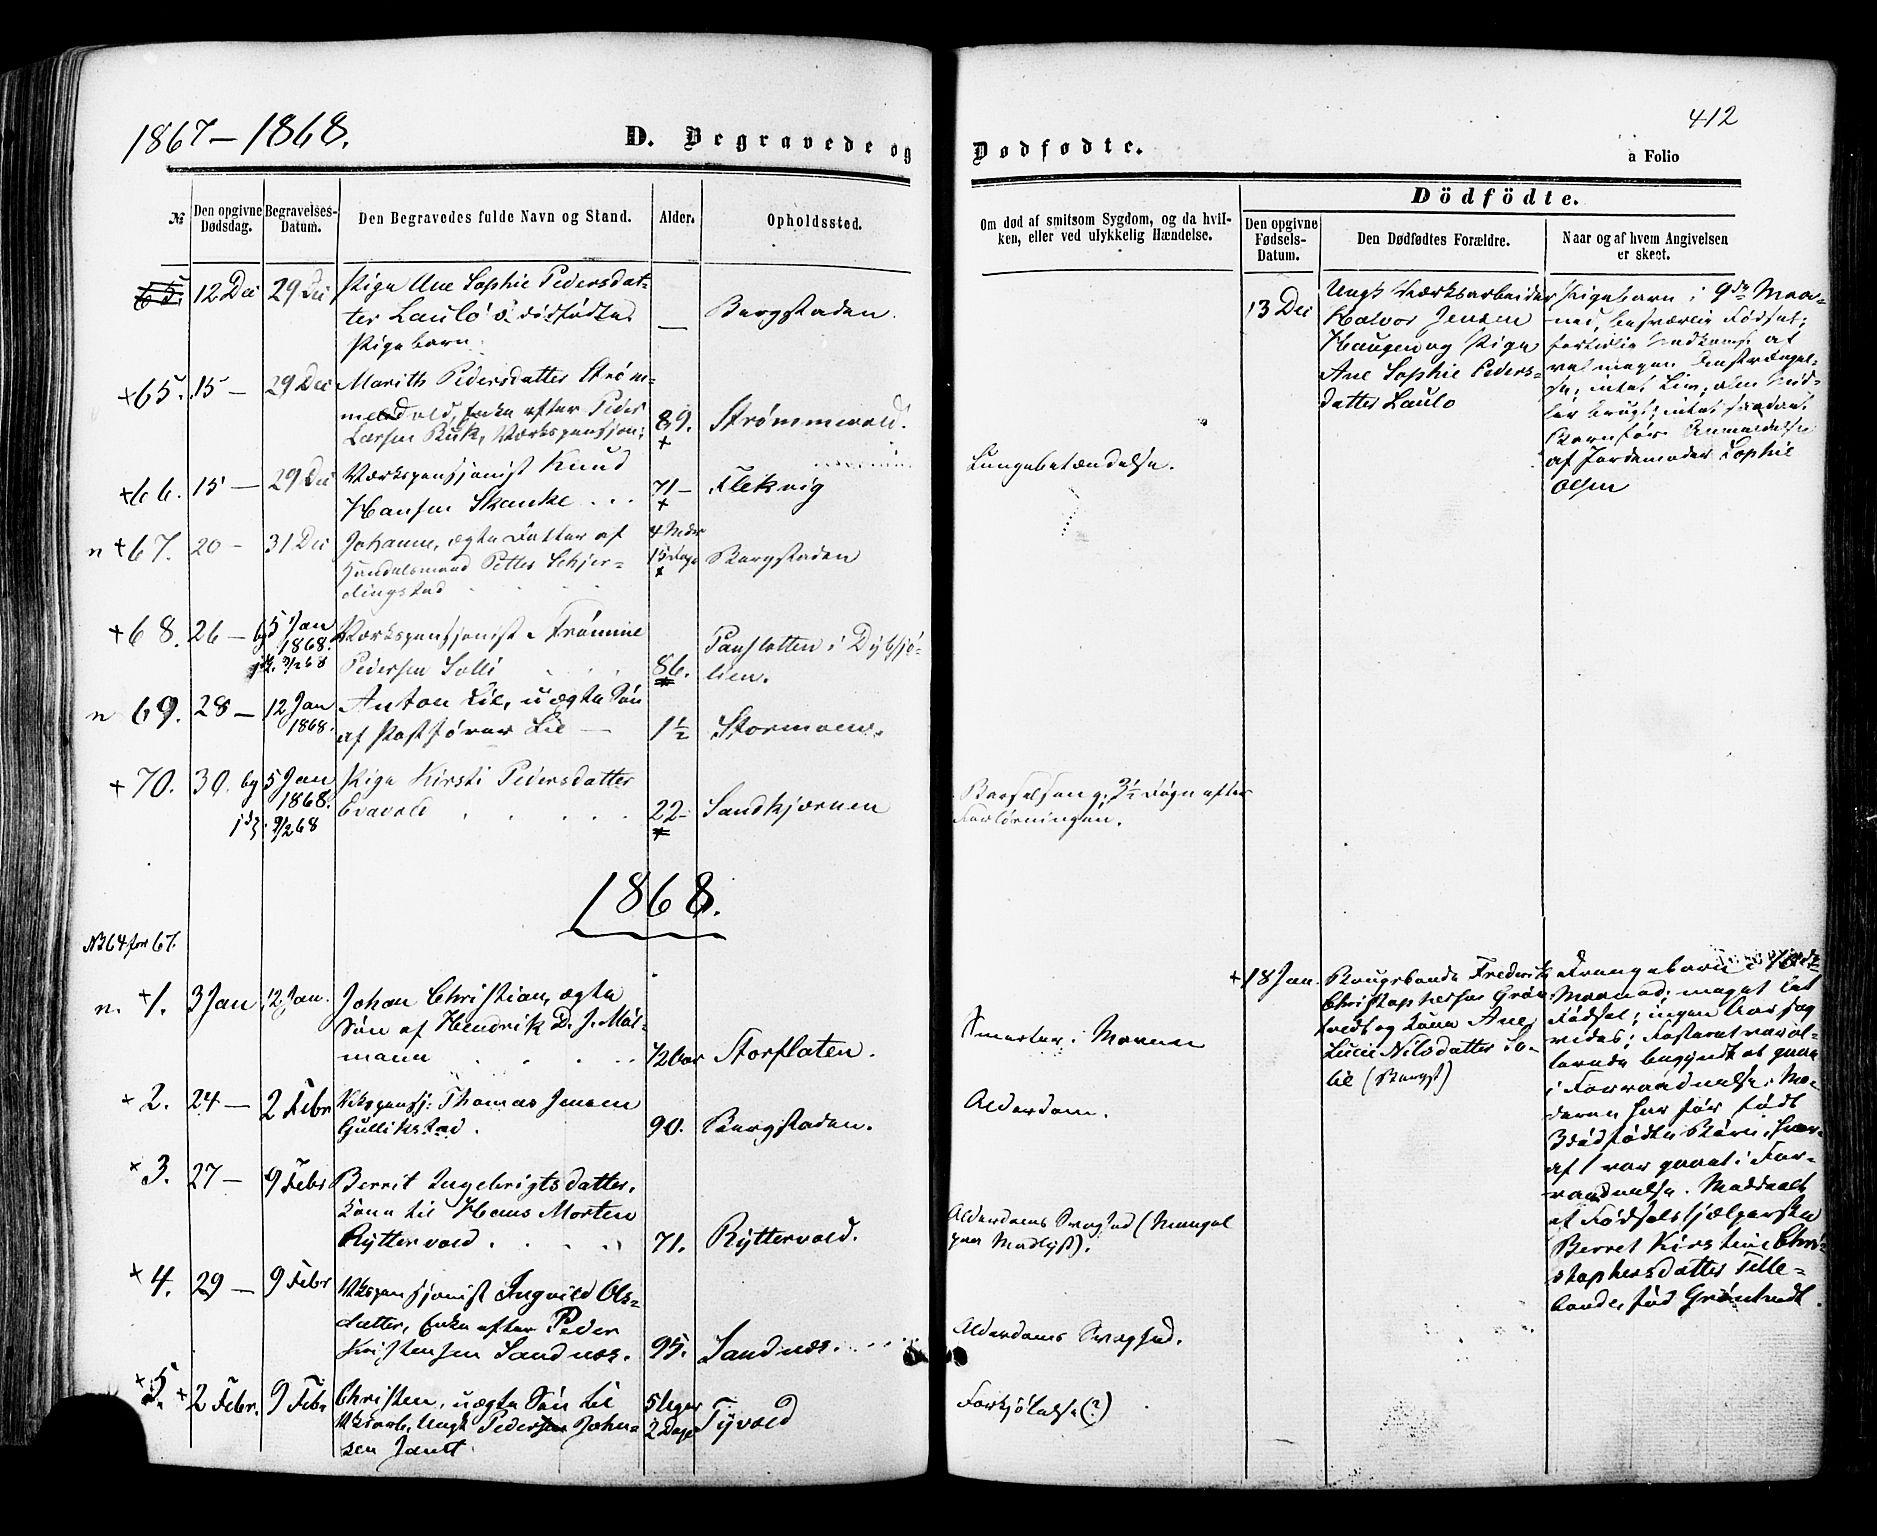 SAT, Ministerialprotokoller, klokkerbøker og fødselsregistre - Sør-Trøndelag, 681/L0932: Ministerialbok nr. 681A10, 1860-1878, s. 412